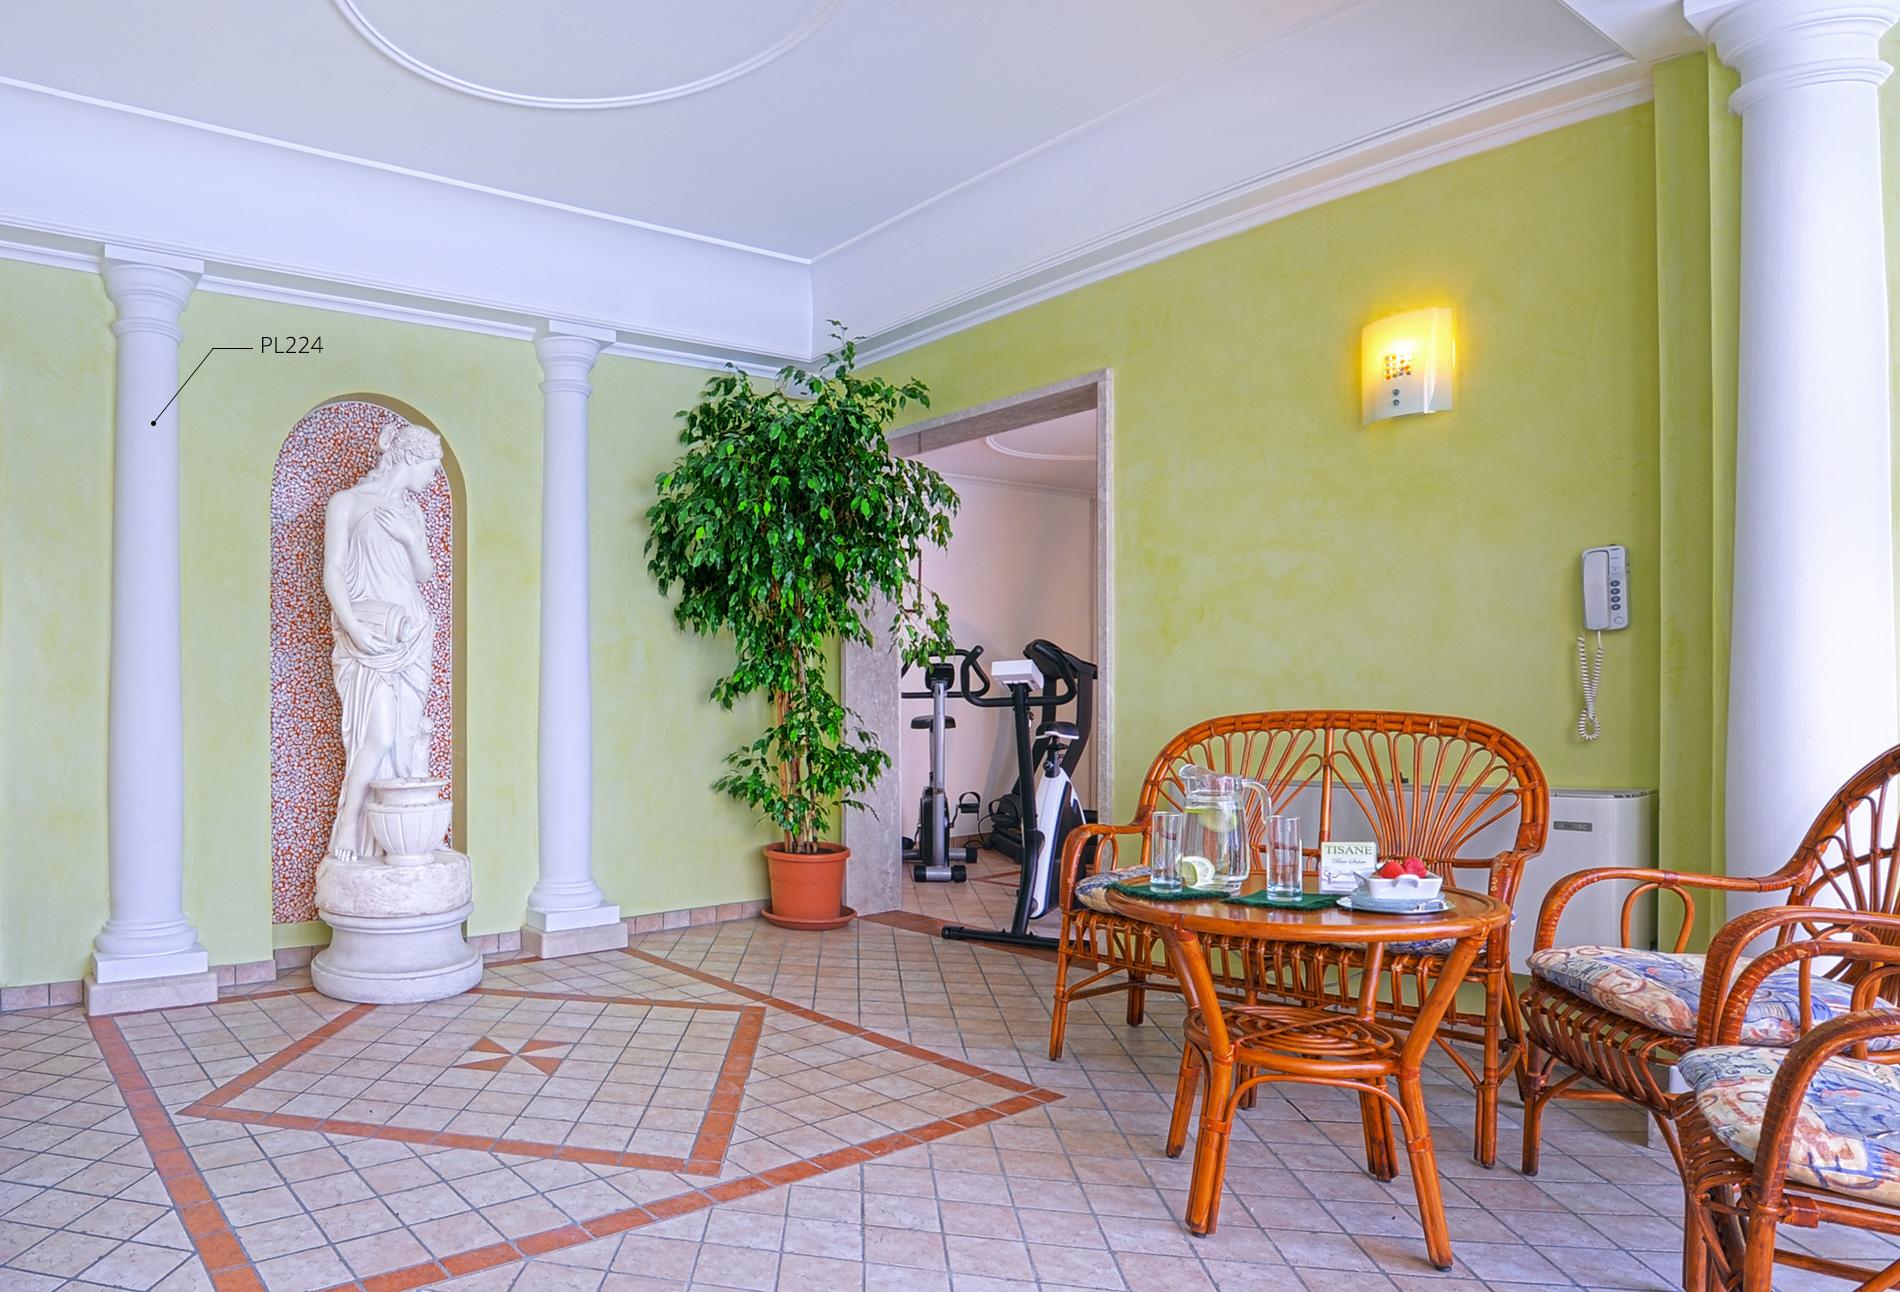 Colonne arredamento interno boiserie in ceramica per bagno for Siti arredamento interni